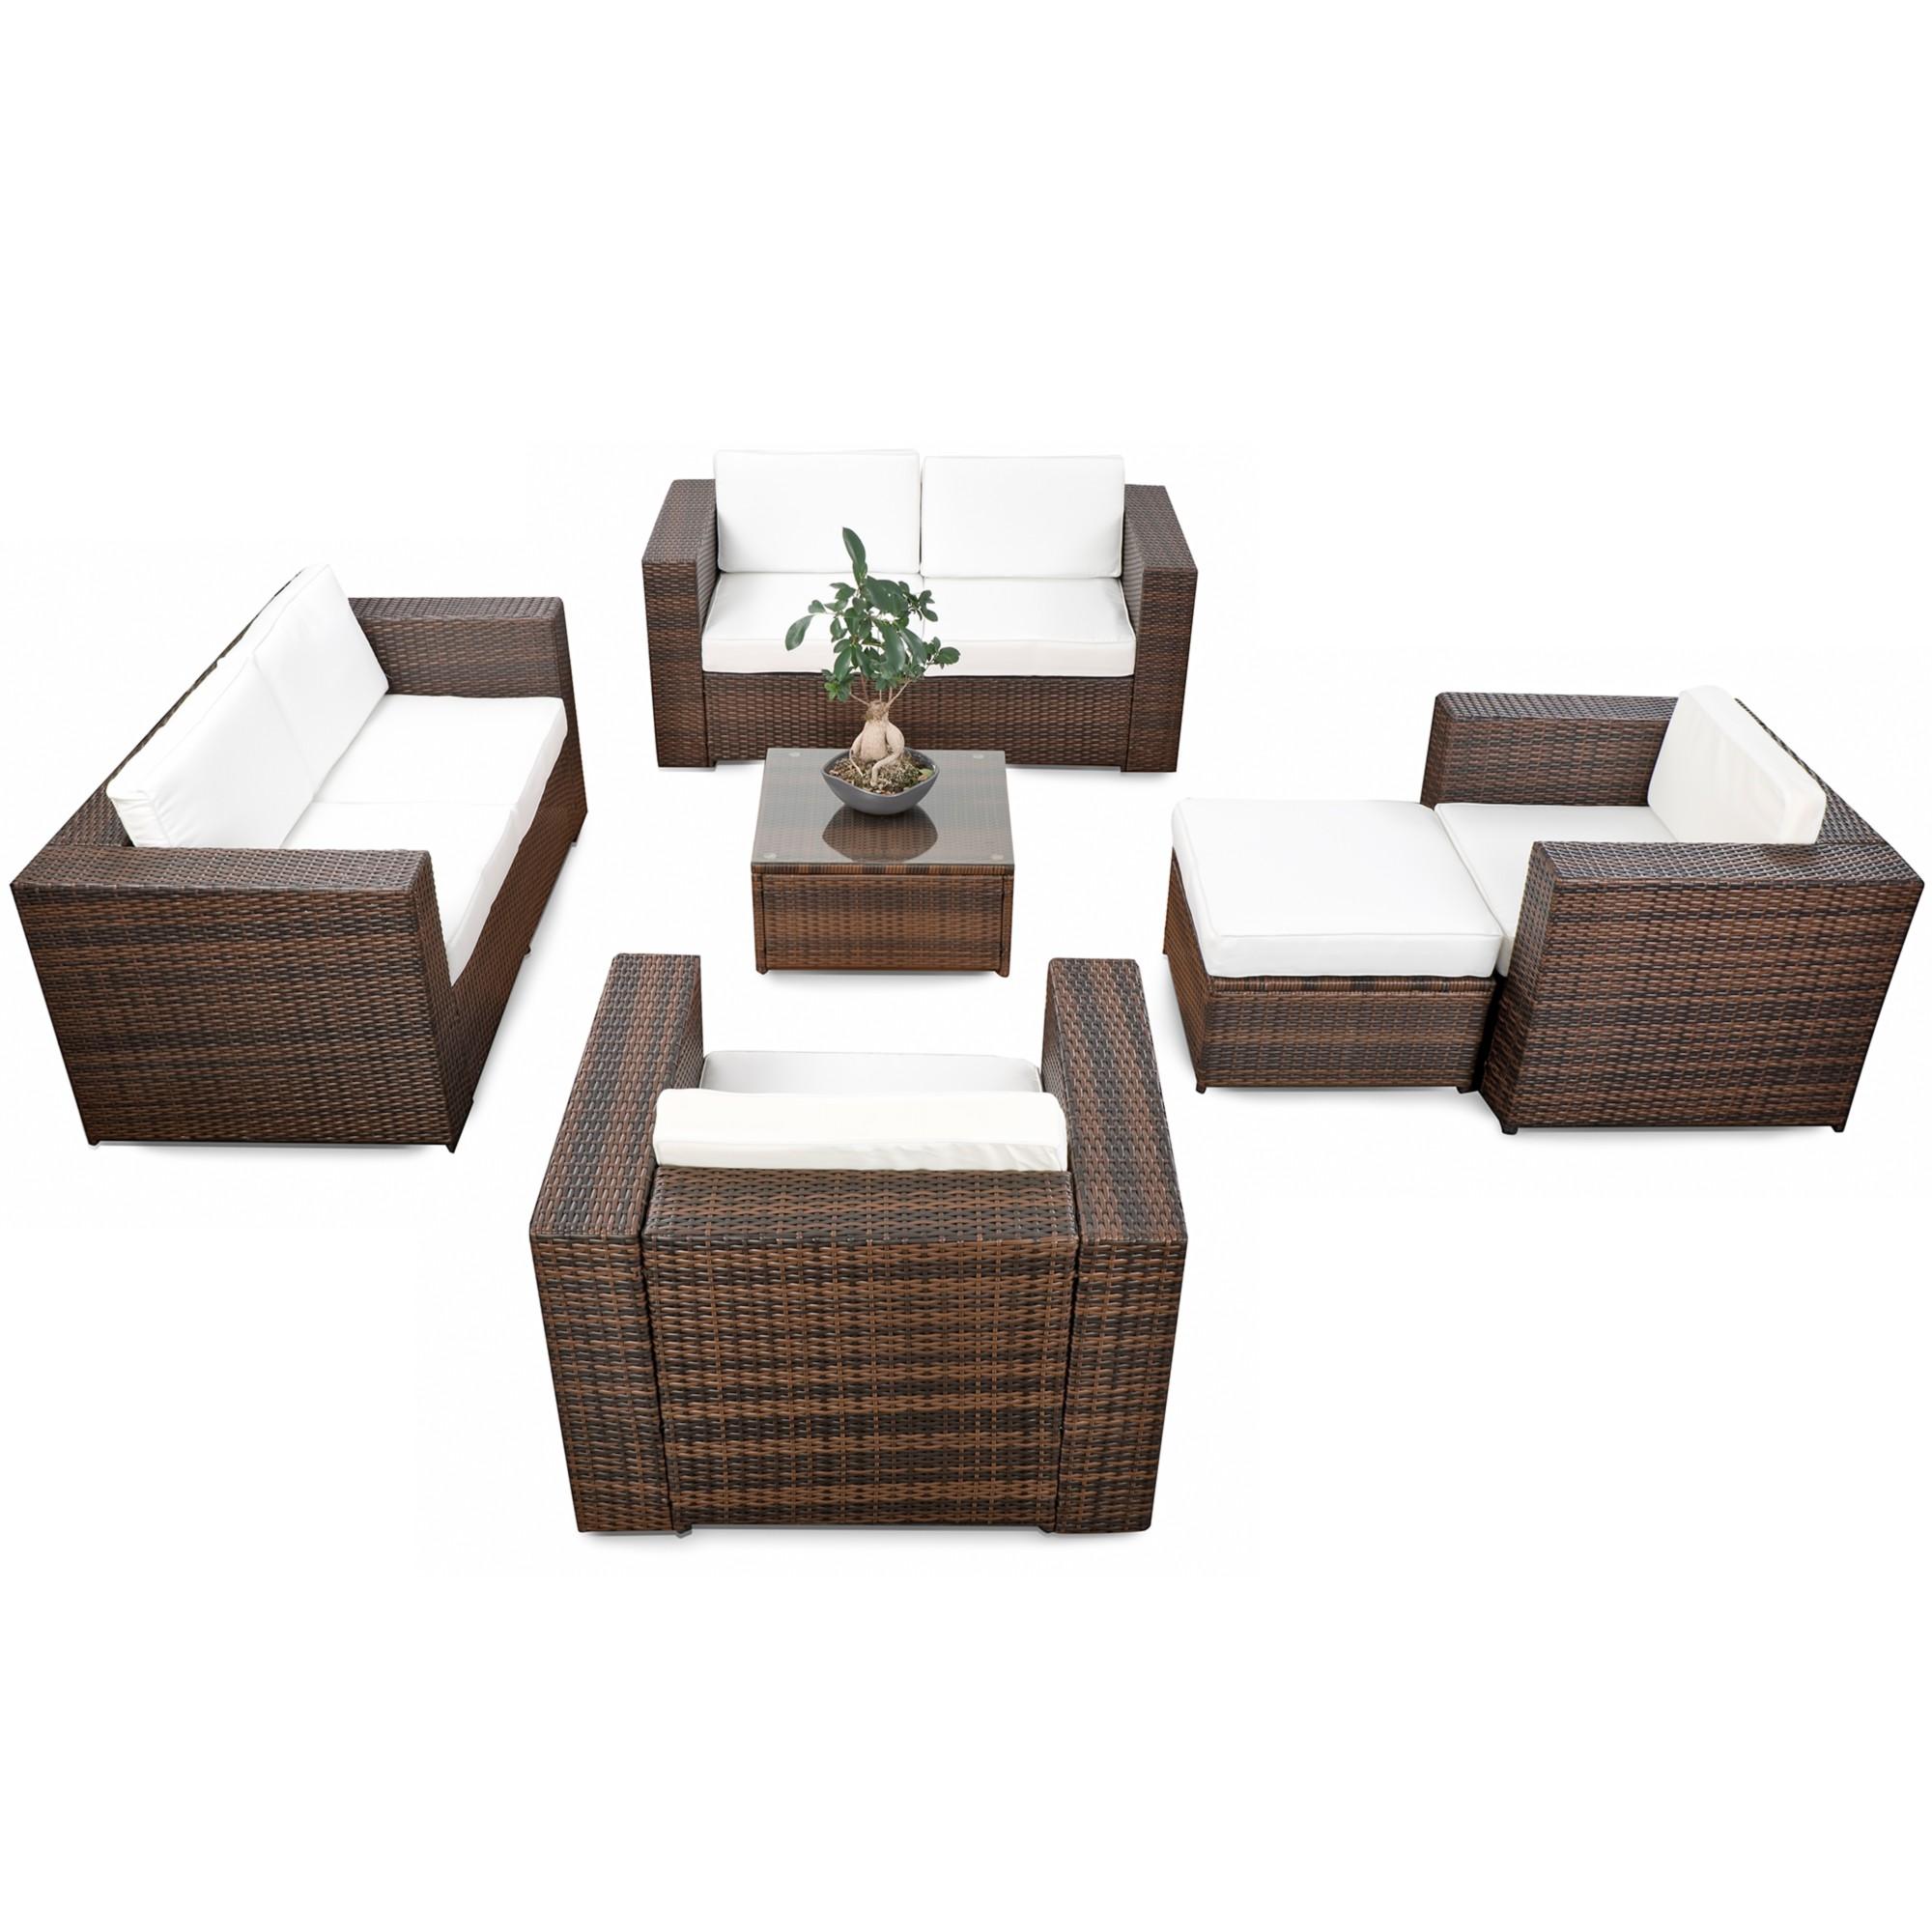 Garten Loungemöbel Set ▻ günstig ◅ Loungemöbel Set Garten kaufen